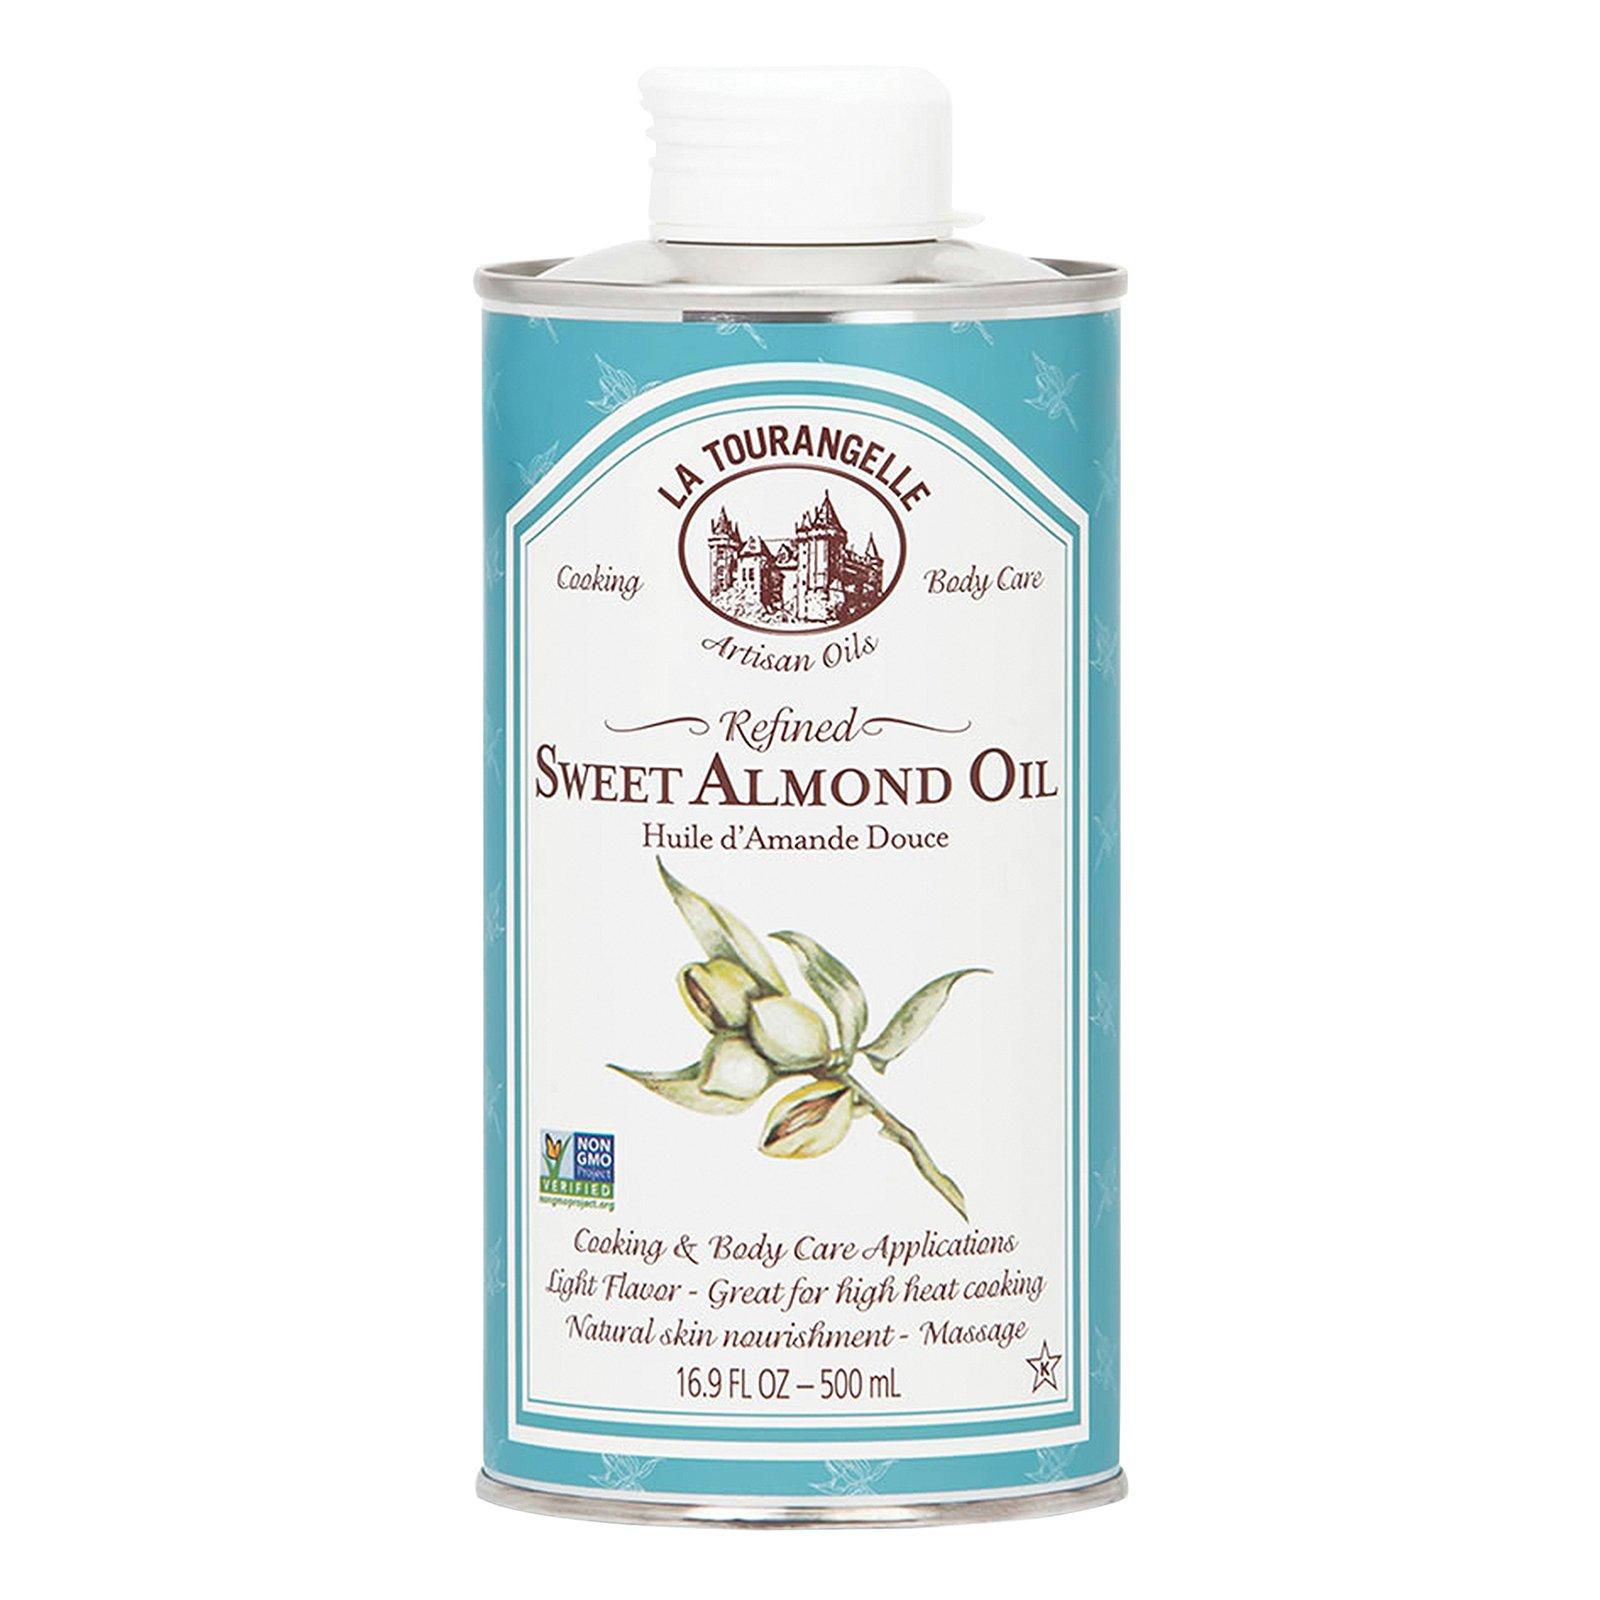 La Tourangelle Sweet Almond Oil - Case of 6 - 16.9 Fl oz.